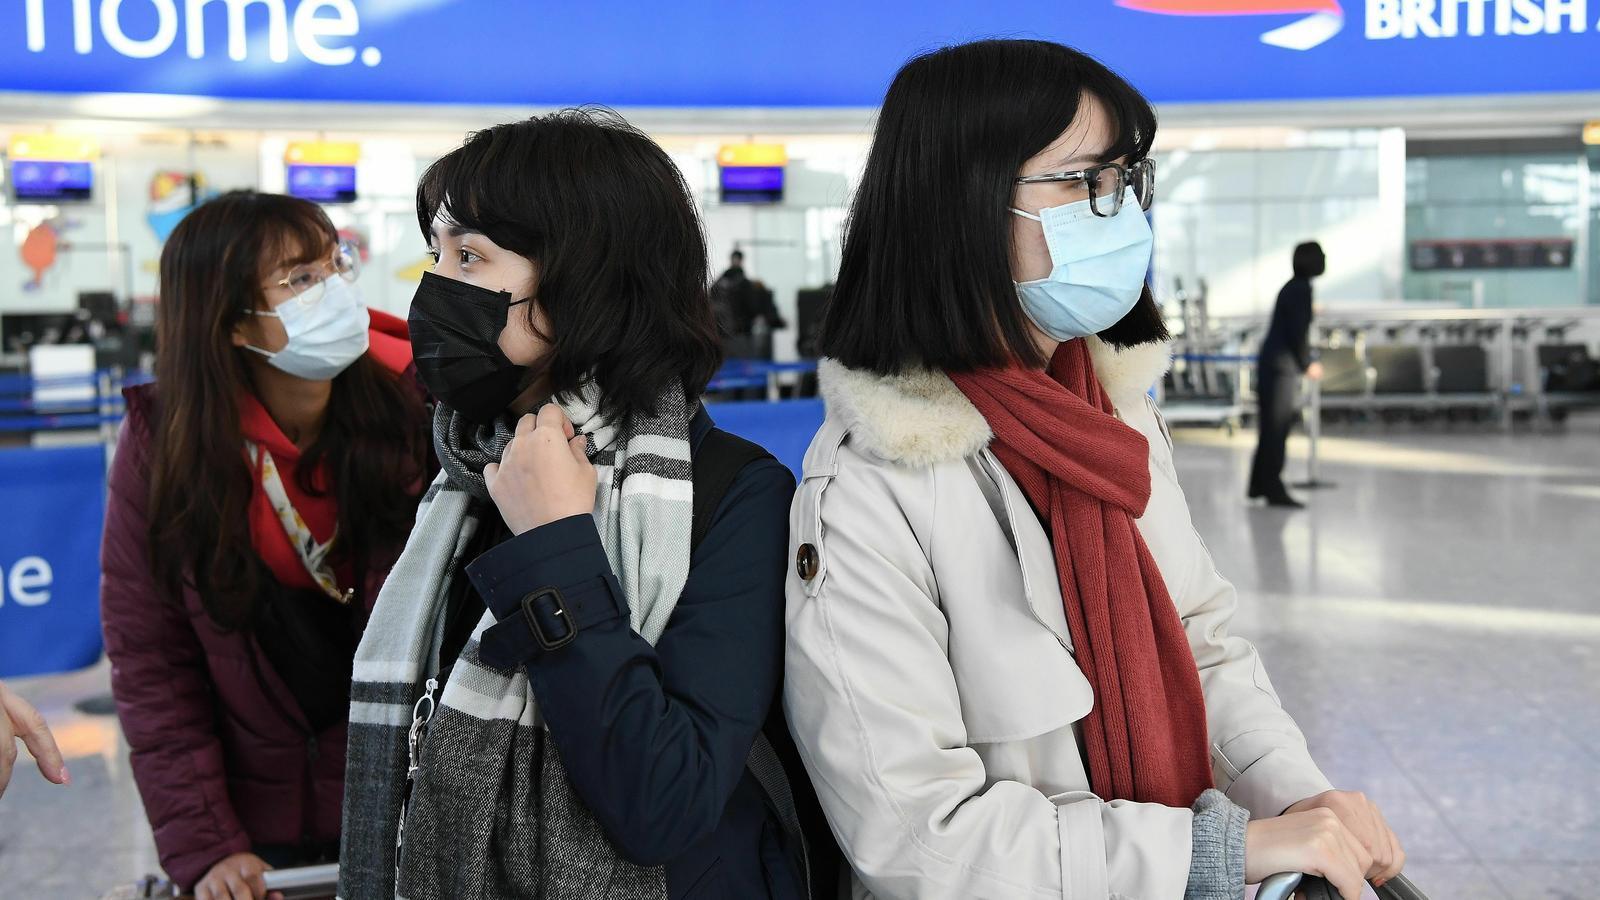 Les principals aerolínies deixen de volar a la Xina pel coronavirus